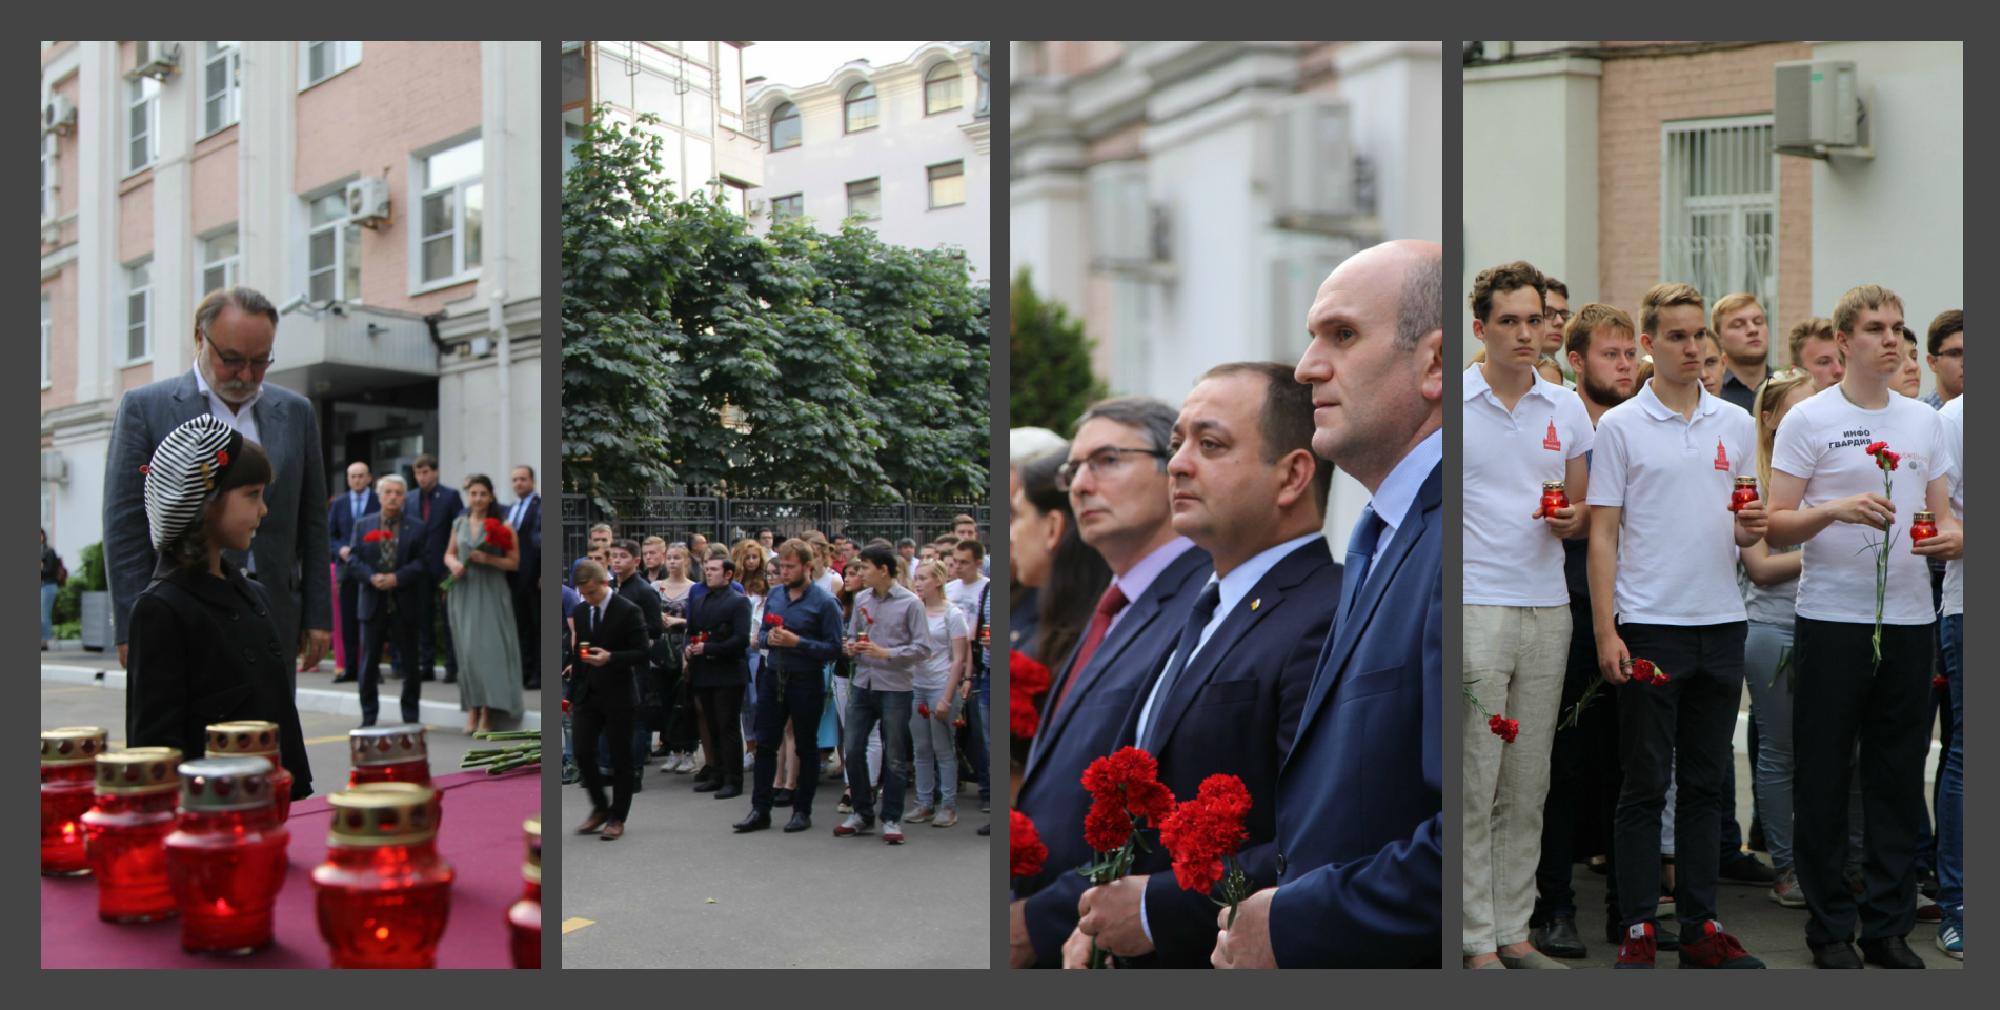 В Посольстве Республики Южная Осетия в Москве  почтили память погибших в ходе грузинской агрессии 2008 года